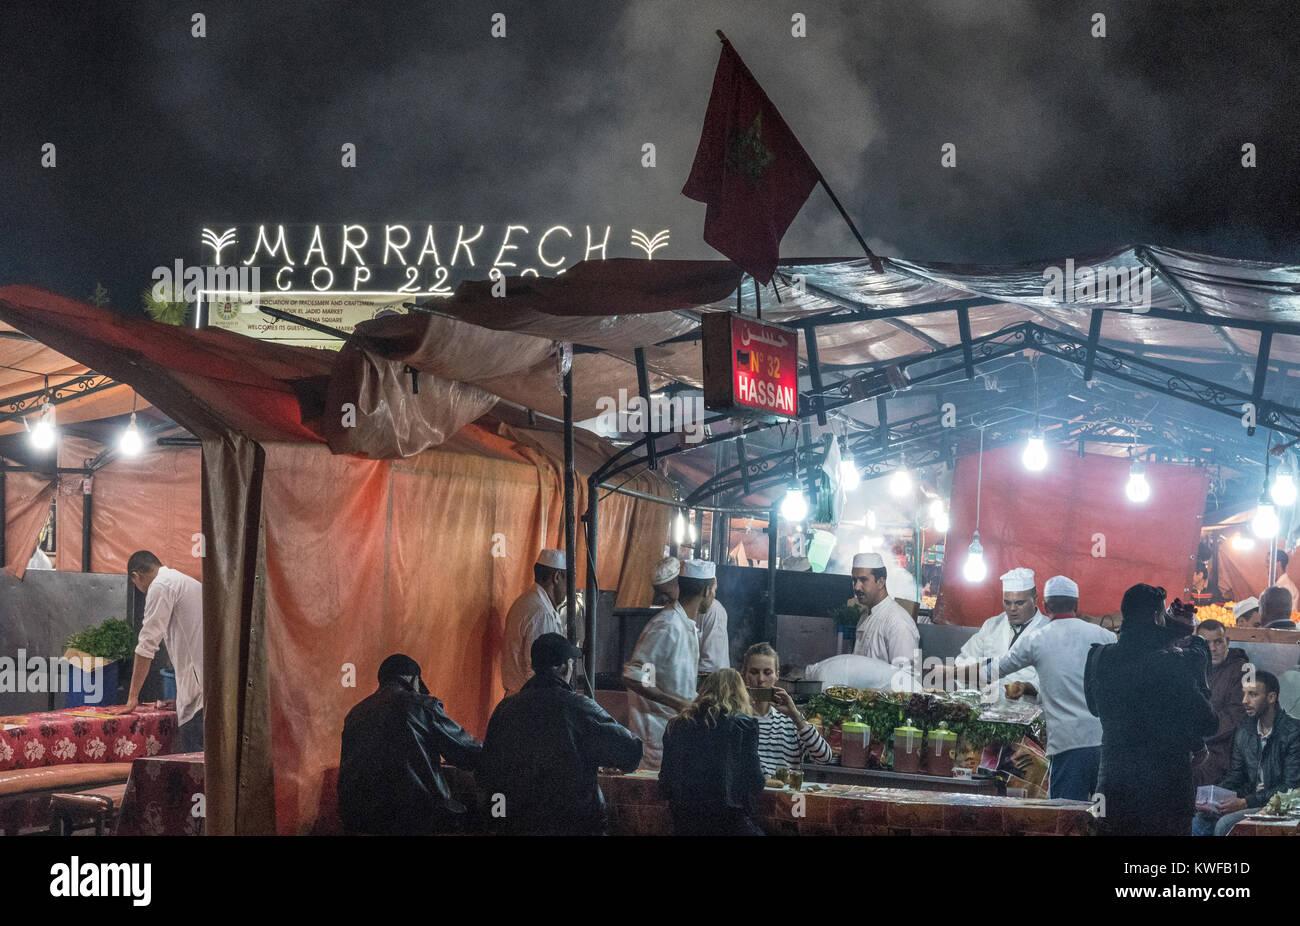 Cop22, conferenza sui cambiamenti climatici che si terrà in Piazza Jemaa el Fna, la piazza con outdooor ristoranti Immagini Stock